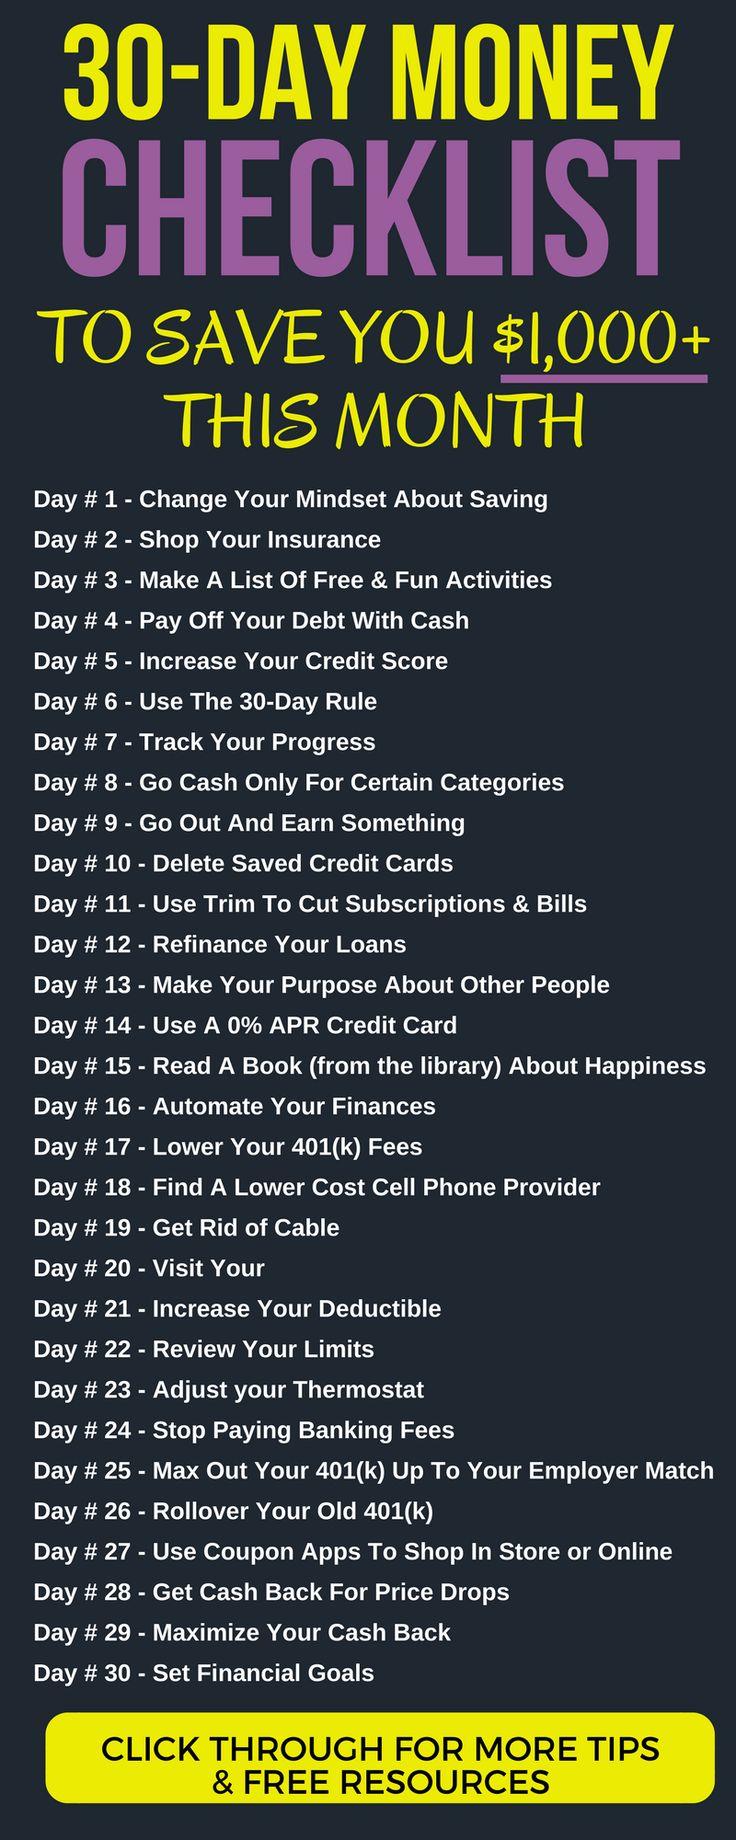 Sparen Sie diesen Monat 1.000 USD GELD HERAUSFORDERUNG: 30 Tage, 30 verschiedene Aktionen. Geld…   – SAVE MONEY: General Thrift & Frugality